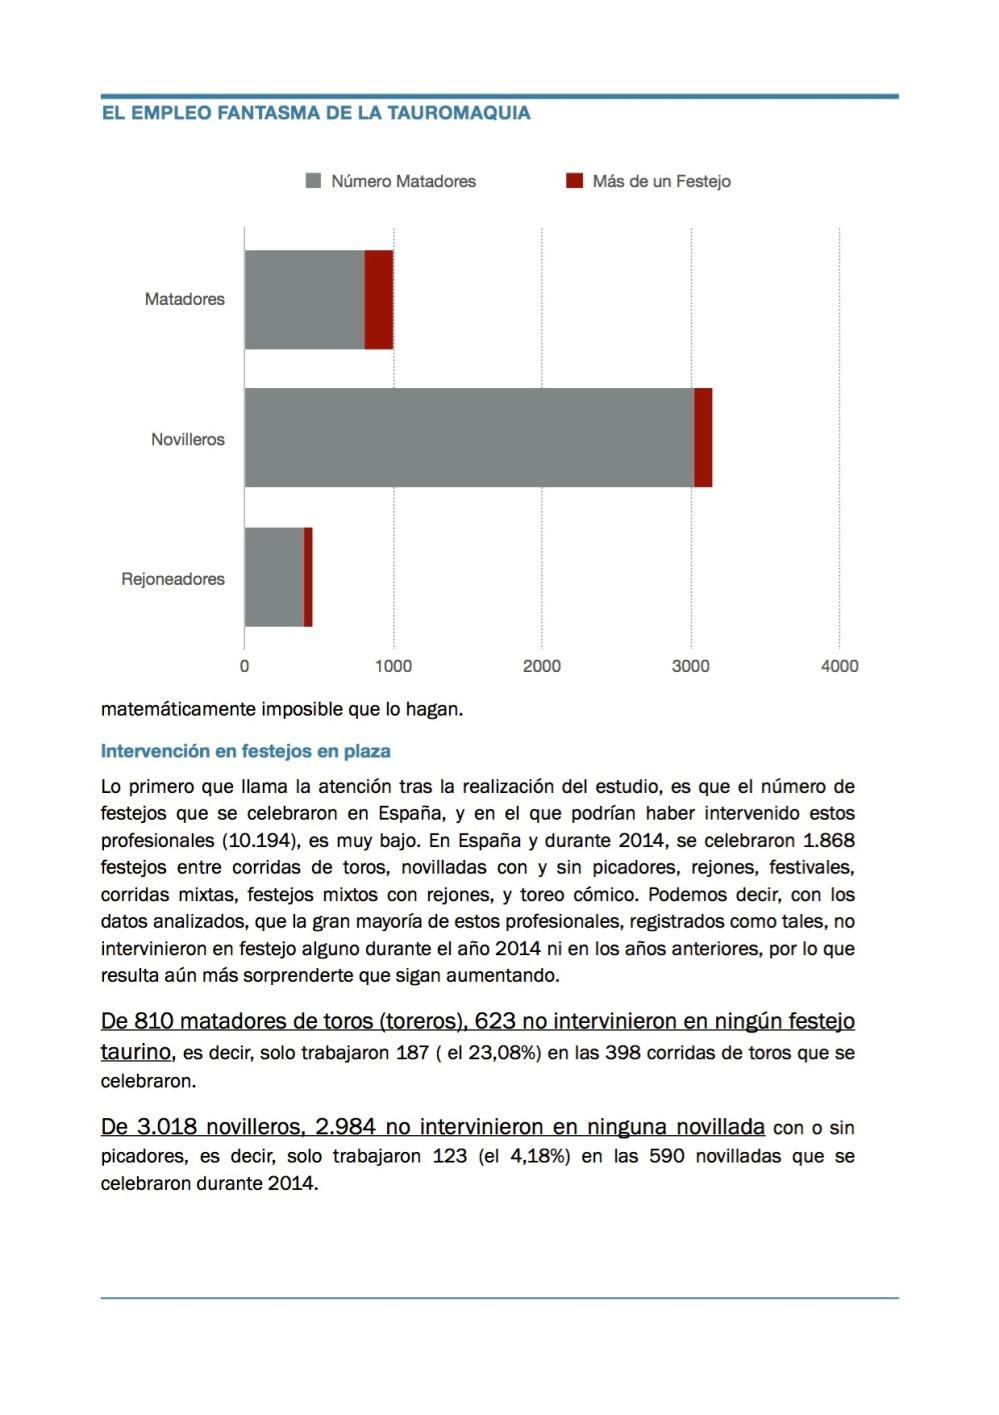 dossierempleoytauromaquia-5